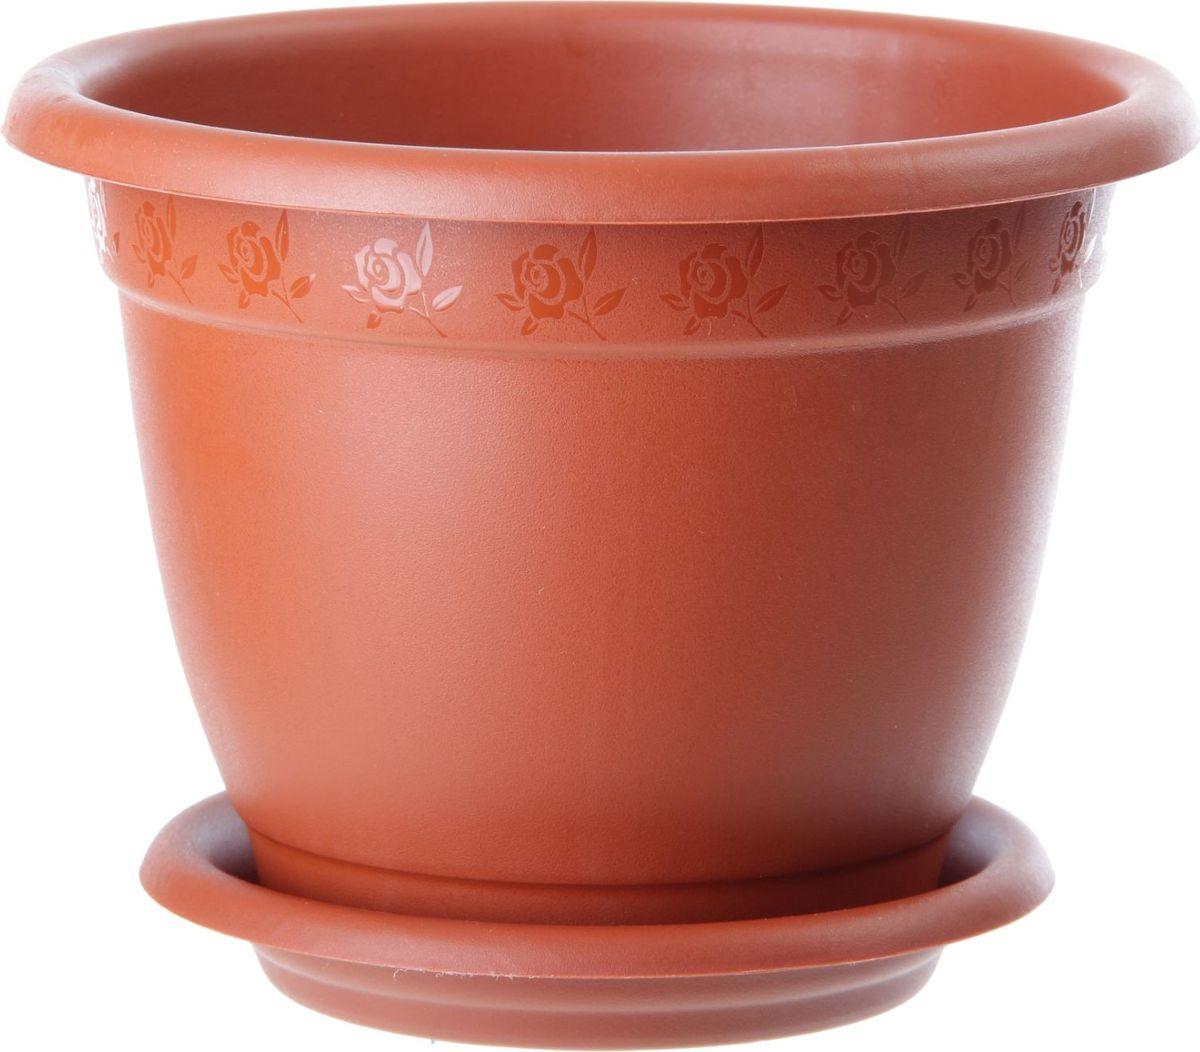 Горшок для цветов InGreen Борнео, с поддоном, цвет: терракотовый, диаметр 24 смС119Любой, даже самый современный и продуманный интерьер будет не завершённым без растений. Они не только очищают воздух и насыщают его кислородом, но и заметно украшают окружающее пространство. Такому полезному &laquo члену семьи&raquoпросто необходимо красивое и функциональное кашпо, оригинальный горшок или необычная ваза! Мы предлагаем - Горшок для цветов d=24 см Борнео 4,4 л, с подставкой, цвет терракотовый!Оптимальный выбор материала &mdash &nbsp пластмасса! Почему мы так считаем? Малый вес. С лёгкостью переносите горшки и кашпо с места на место, ставьте их на столики или полки, подвешивайте под потолок, не беспокоясь о нагрузке. Простота ухода. Пластиковые изделия не нуждаются в специальных условиях хранения. Их&nbsp легко чистить &mdashдостаточно просто сполоснуть тёплой водой. Никаких царапин. Пластиковые кашпо не царапают и не загрязняют поверхности, на которых стоят. Пластик дольше хранит влагу, а значит &mdashрастение реже нуждается в поливе. Пластмасса не пропускает воздух &mdashкорневой системе растения не грозят резкие перепады температур. Огромный выбор форм, декора и расцветок &mdashвы без труда подберёте что-то, что идеально впишется в уже существующий интерьер.Соблюдая нехитрые правила ухода, вы можете заметно продлить срок службы горшков, вазонов и кашпо из пластика: всегда учитывайте размер кроны и корневой системы растения (при разрастании большое растение способно повредить маленький горшок)берегите изделие от воздействия прямых солнечных лучей, чтобы кашпо и горшки не выцветалидержите кашпо и горшки из пластика подальше от нагревающихся поверхностей.Создавайте прекрасные цветочные композиции, выращивайте рассаду или необычные растения, а низкие цены позволят вам не ограничивать себя в выборе.